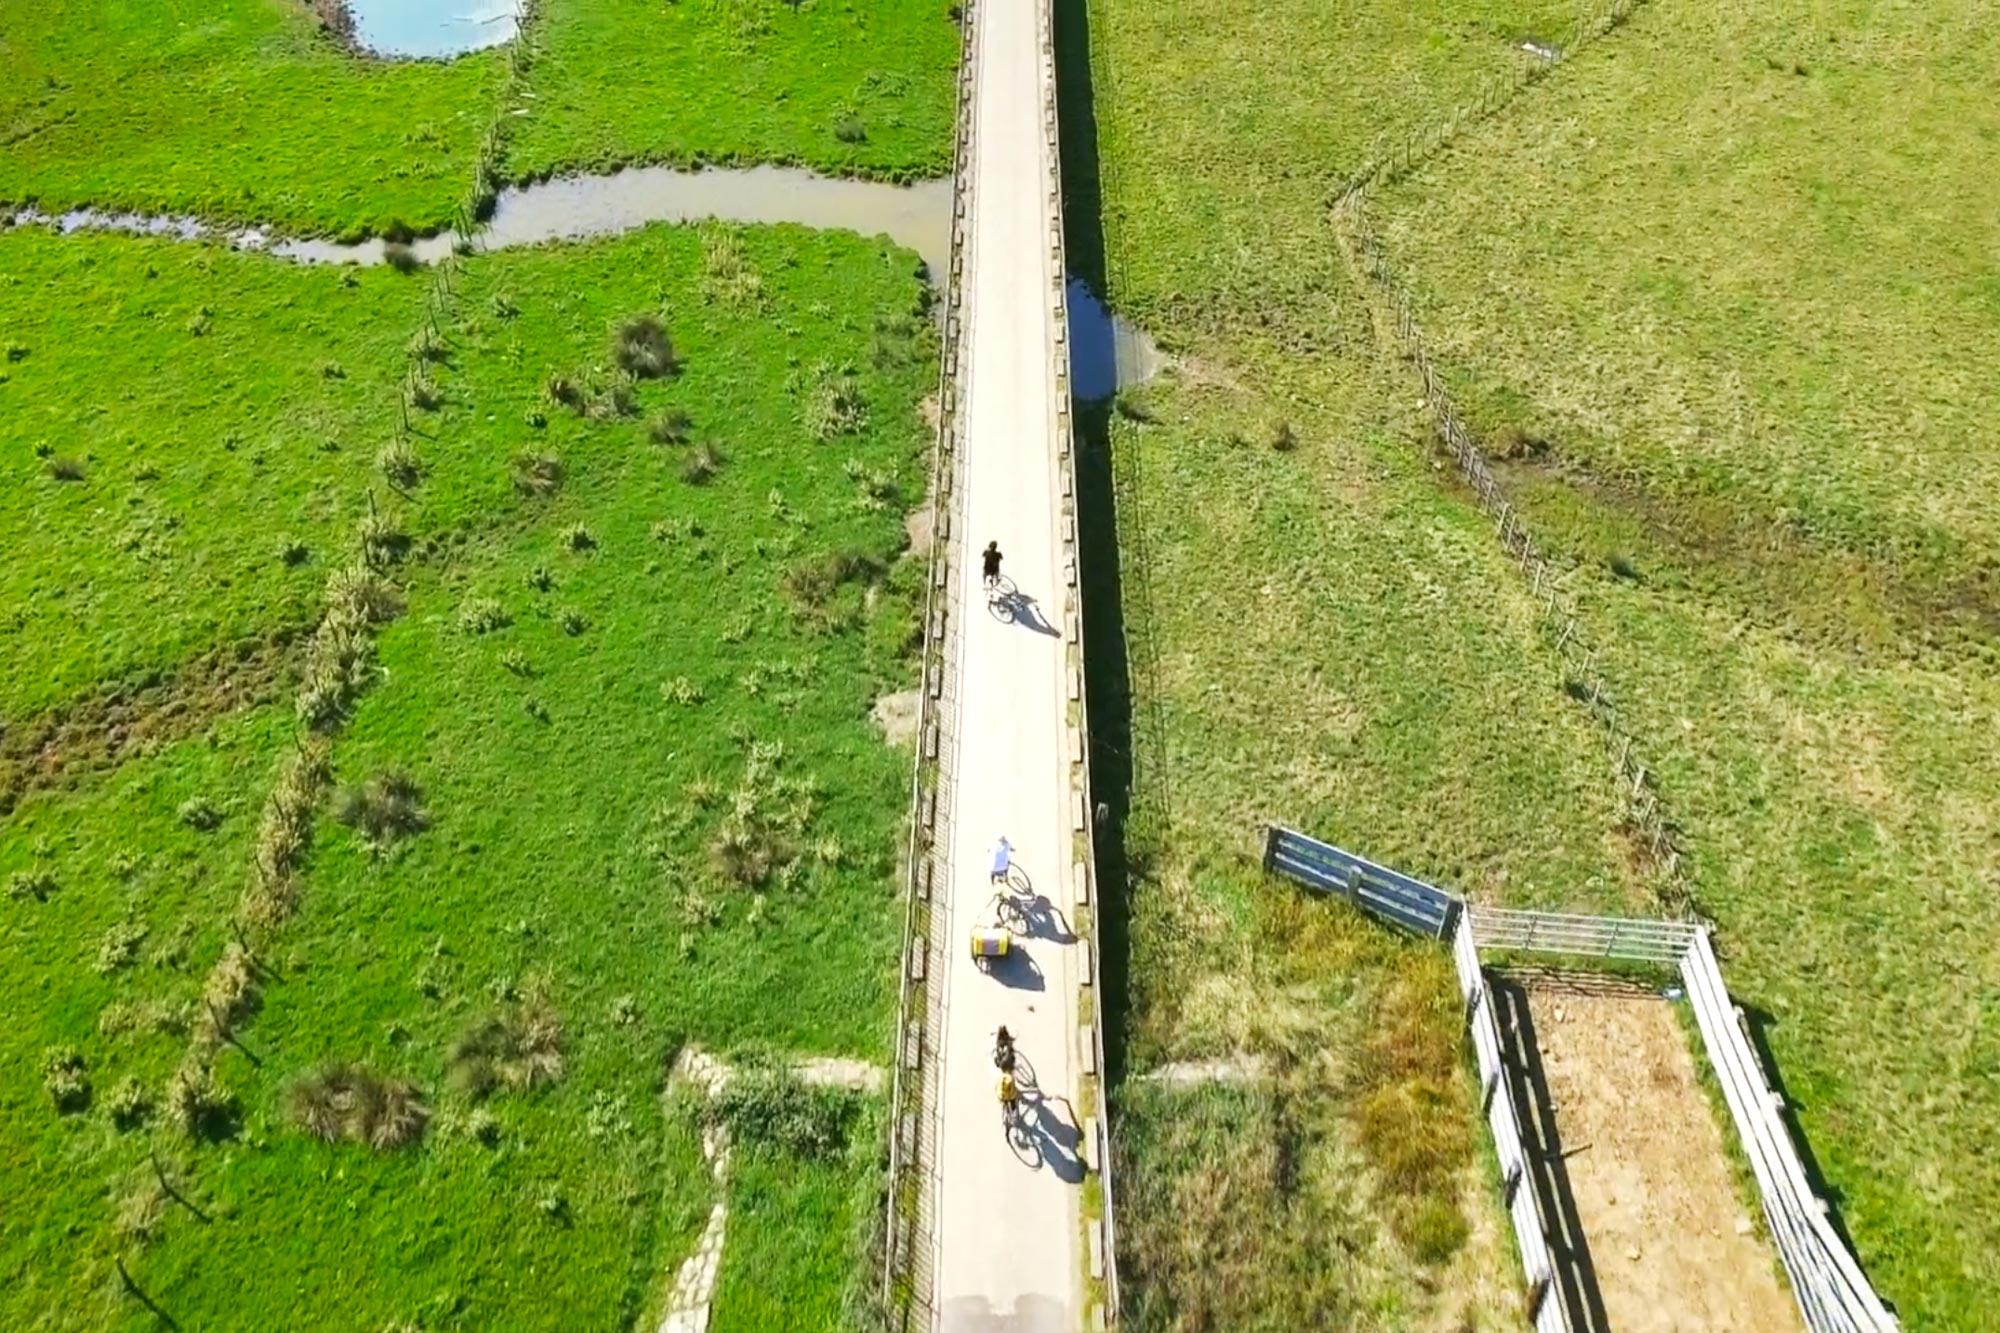 Cyclo - Loire-Atlantique Développement